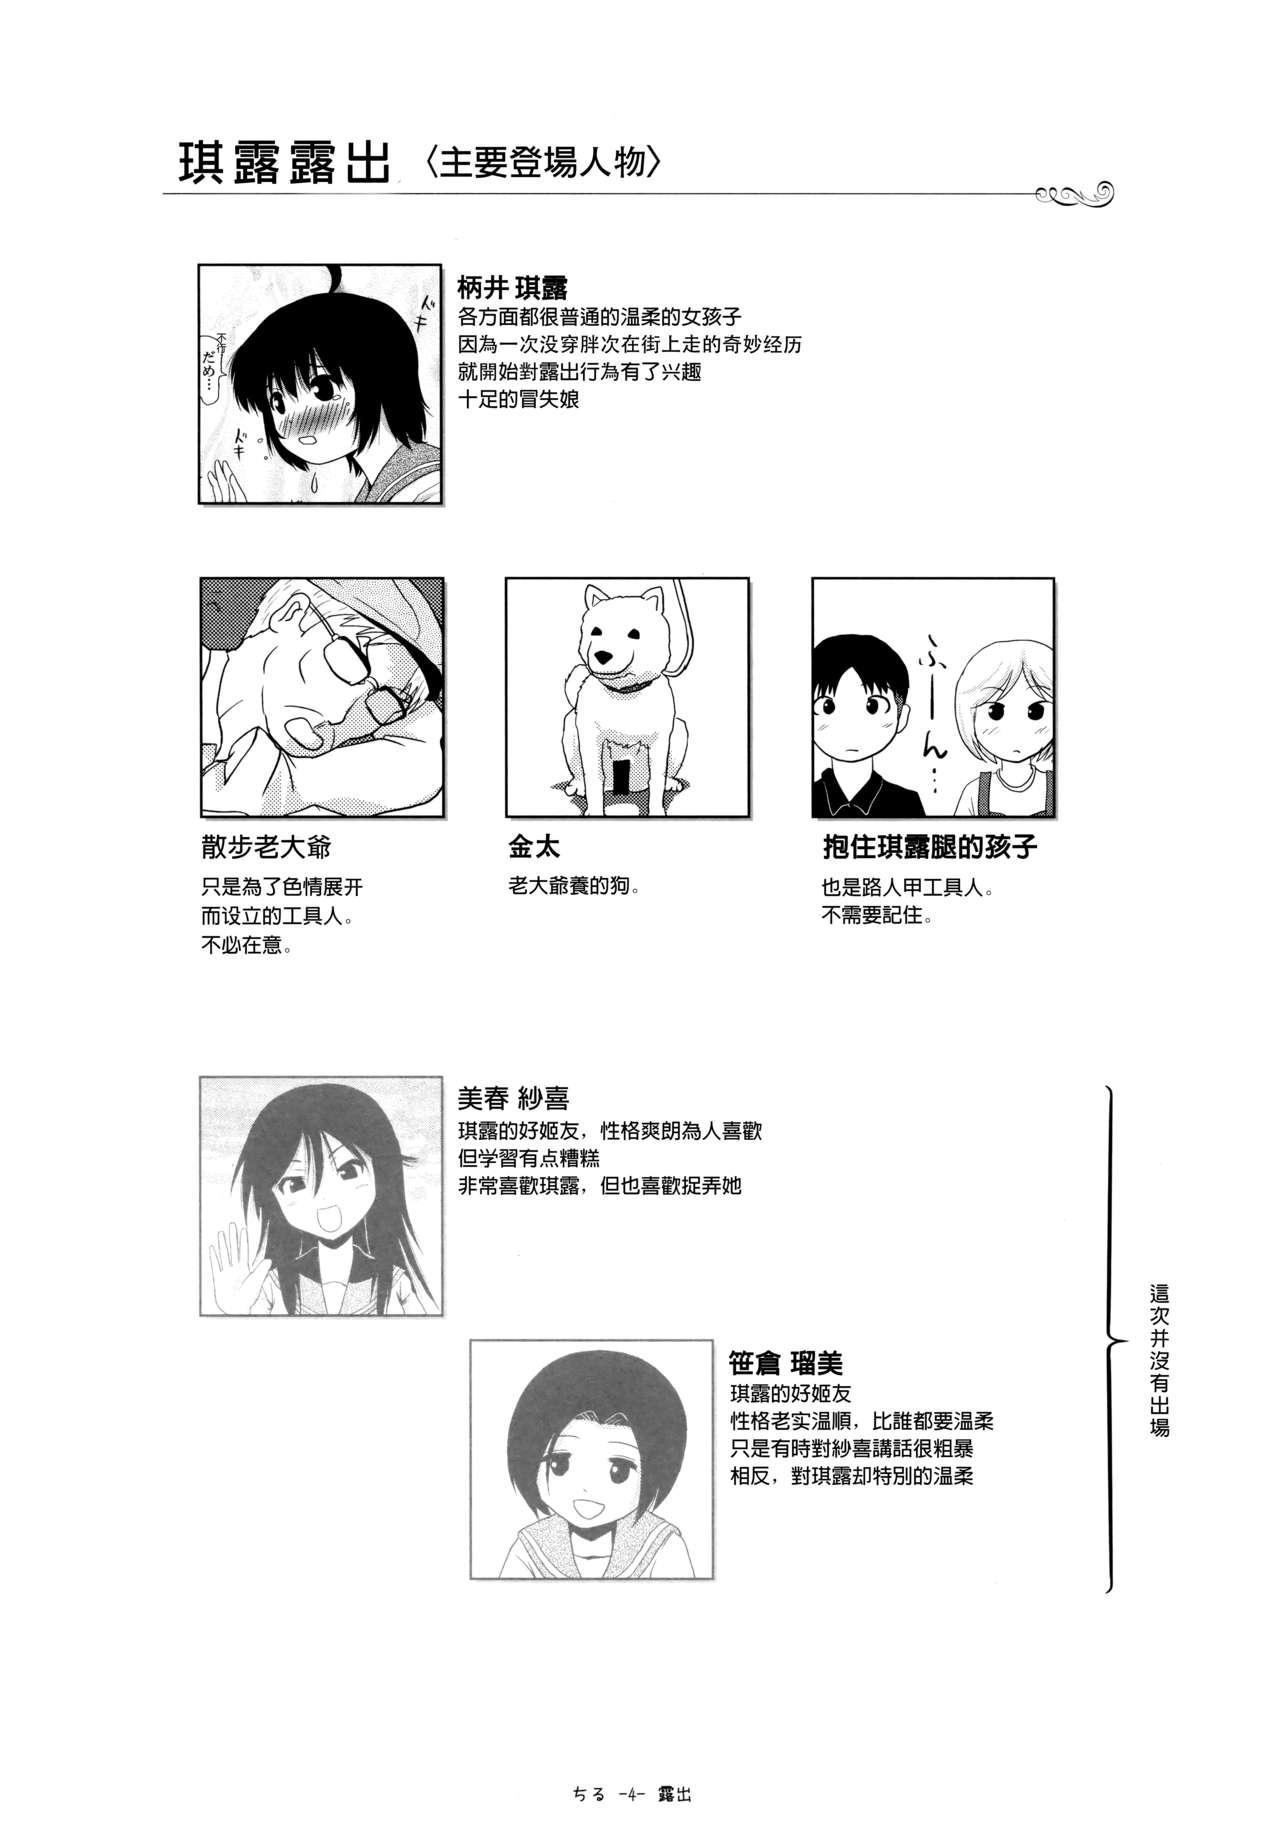 Chiru Roshutsu 13 2